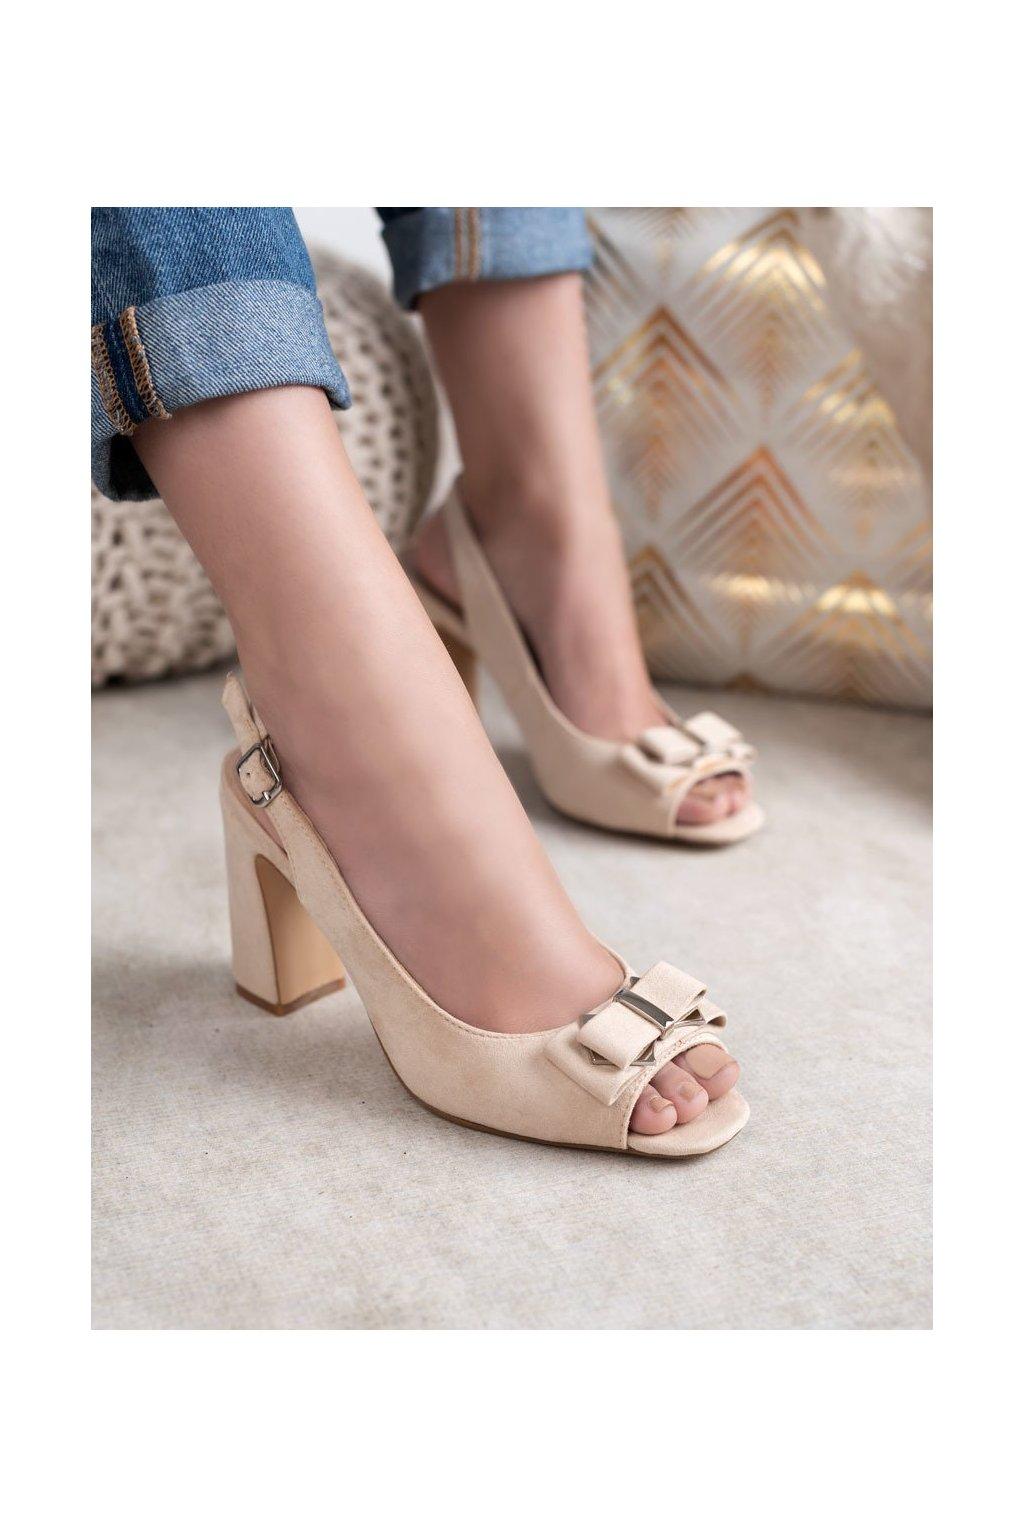 Hnedé topánky Shelovet kod  NJSK YQE19-17006BE